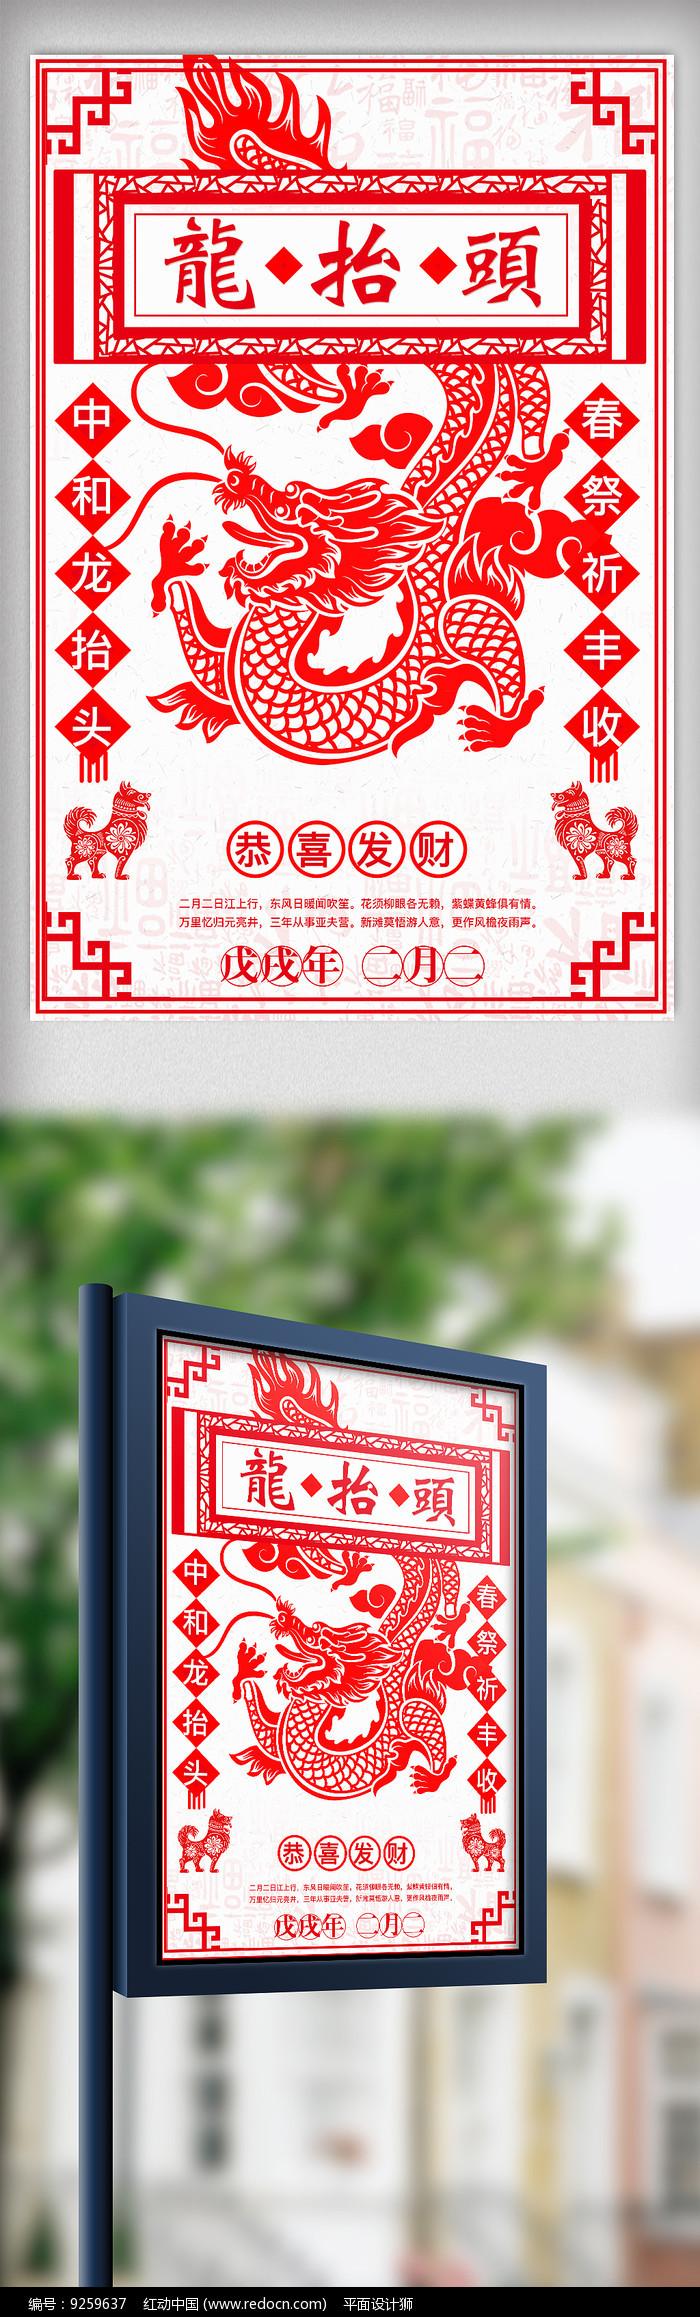 中国风剪纸龙抬头宣传海报图片